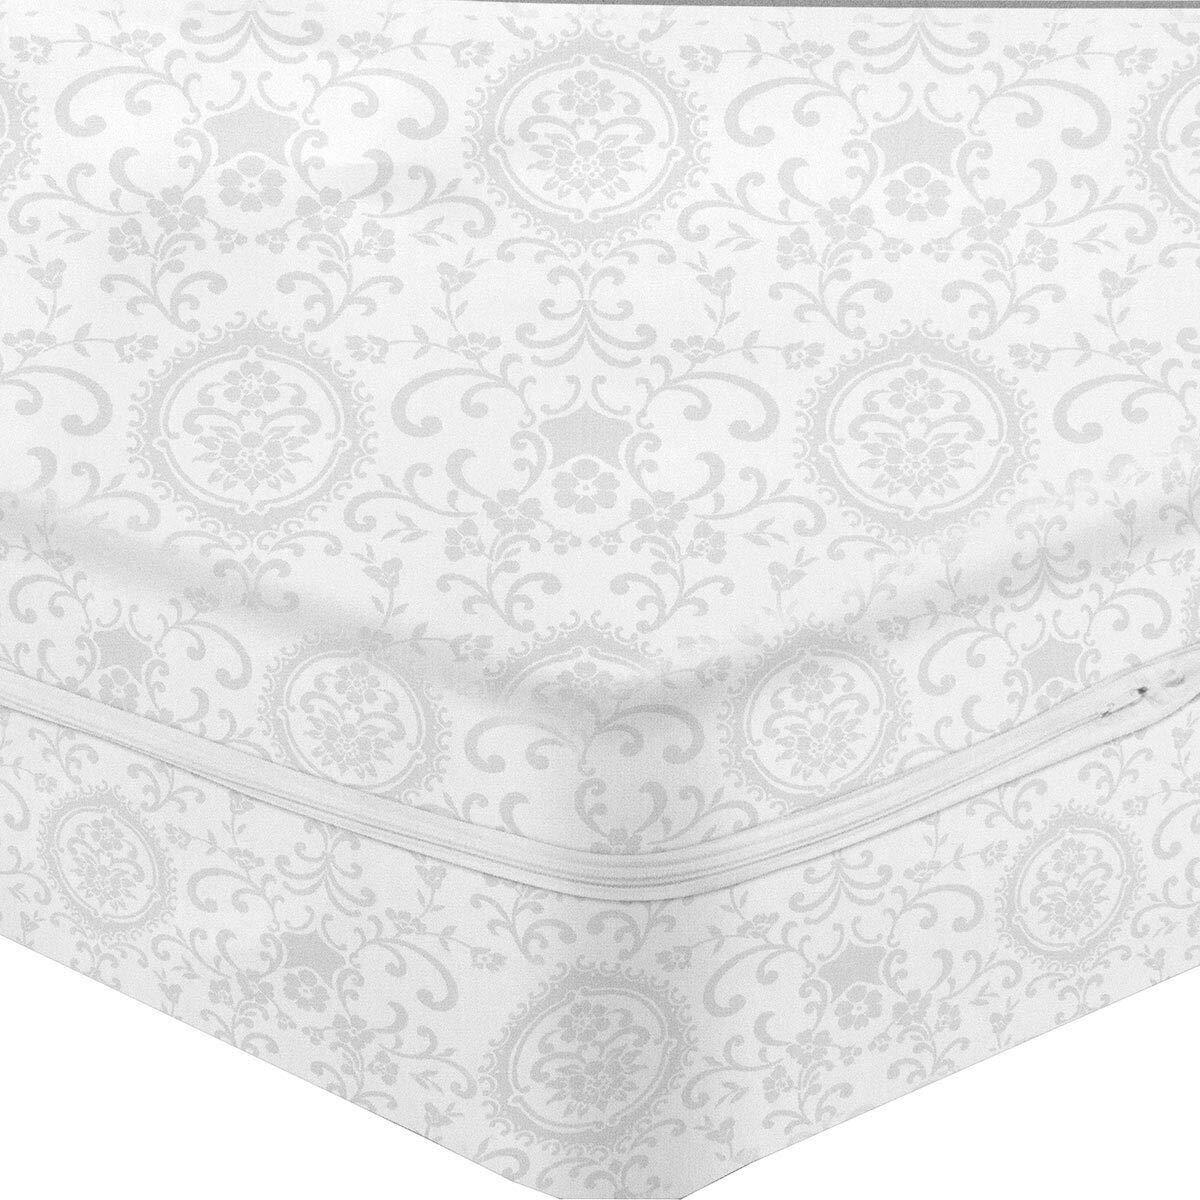 CARILLO Fodera Coprimaterasso in Cotone damasco con cerniera dimensioni varie S514 Matrimoniale